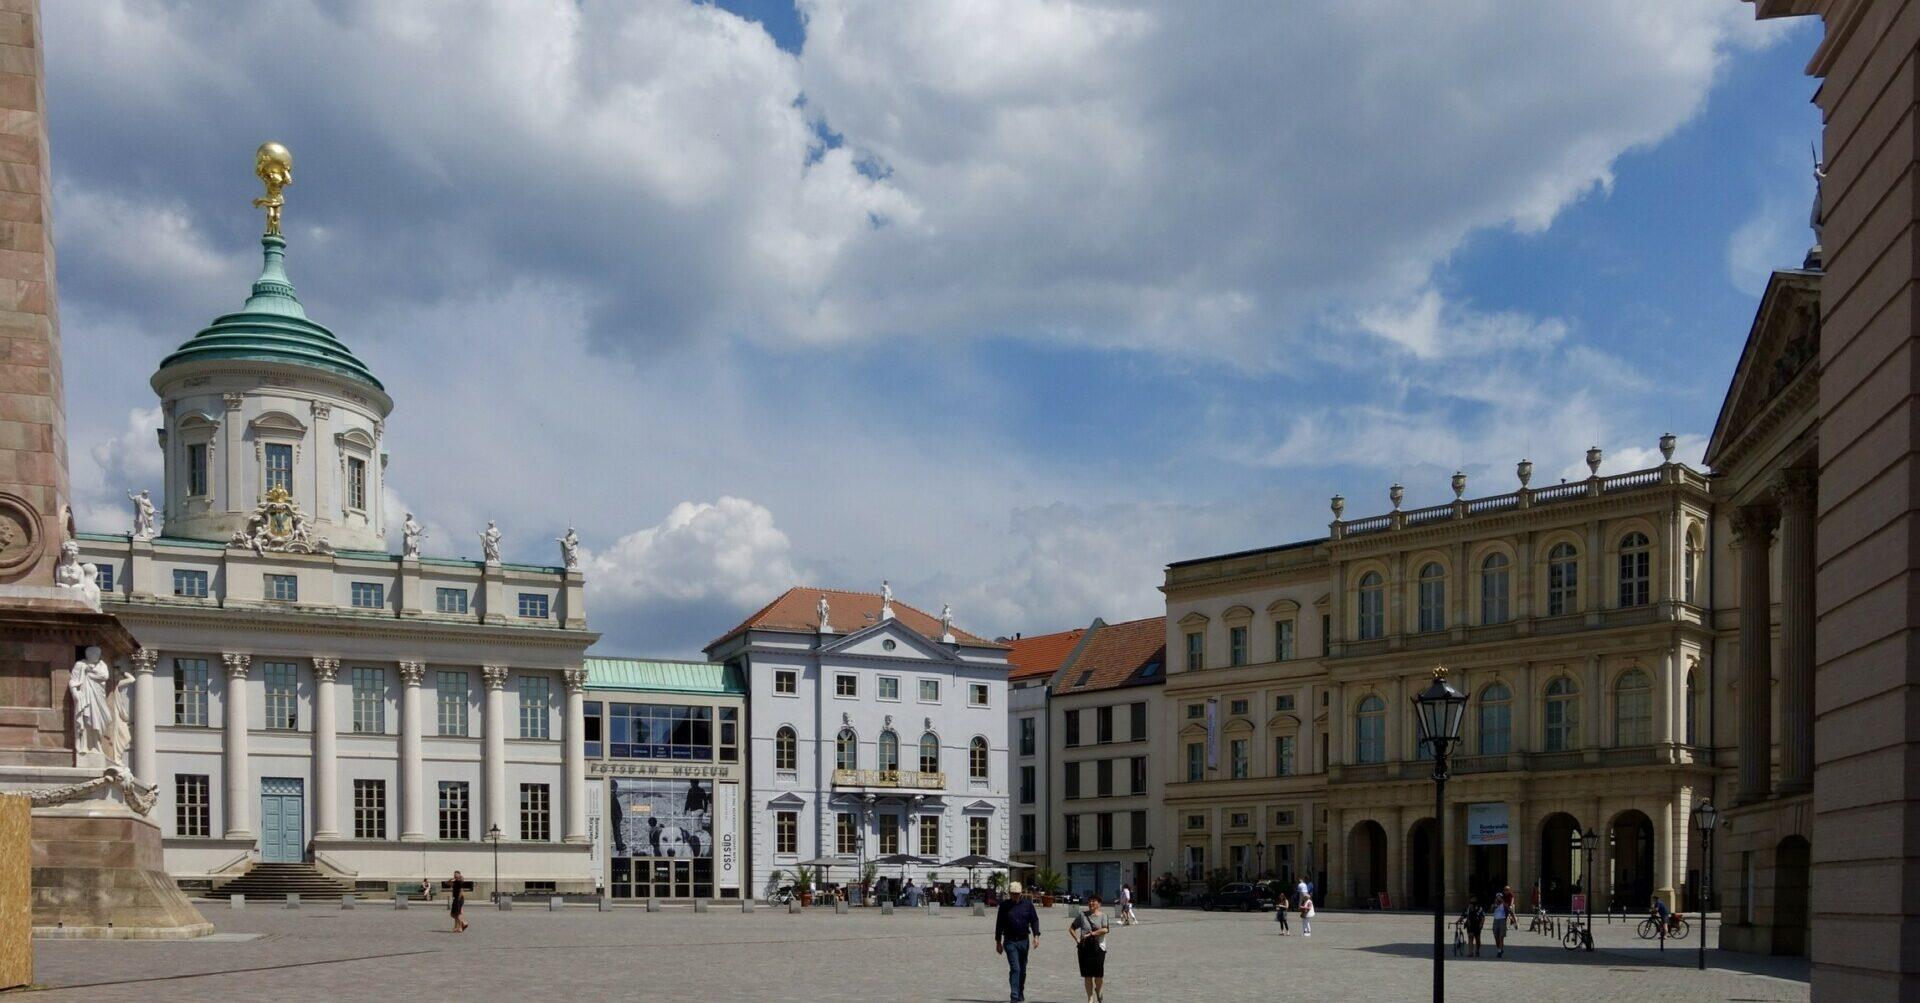 Potsdam Alter Markt